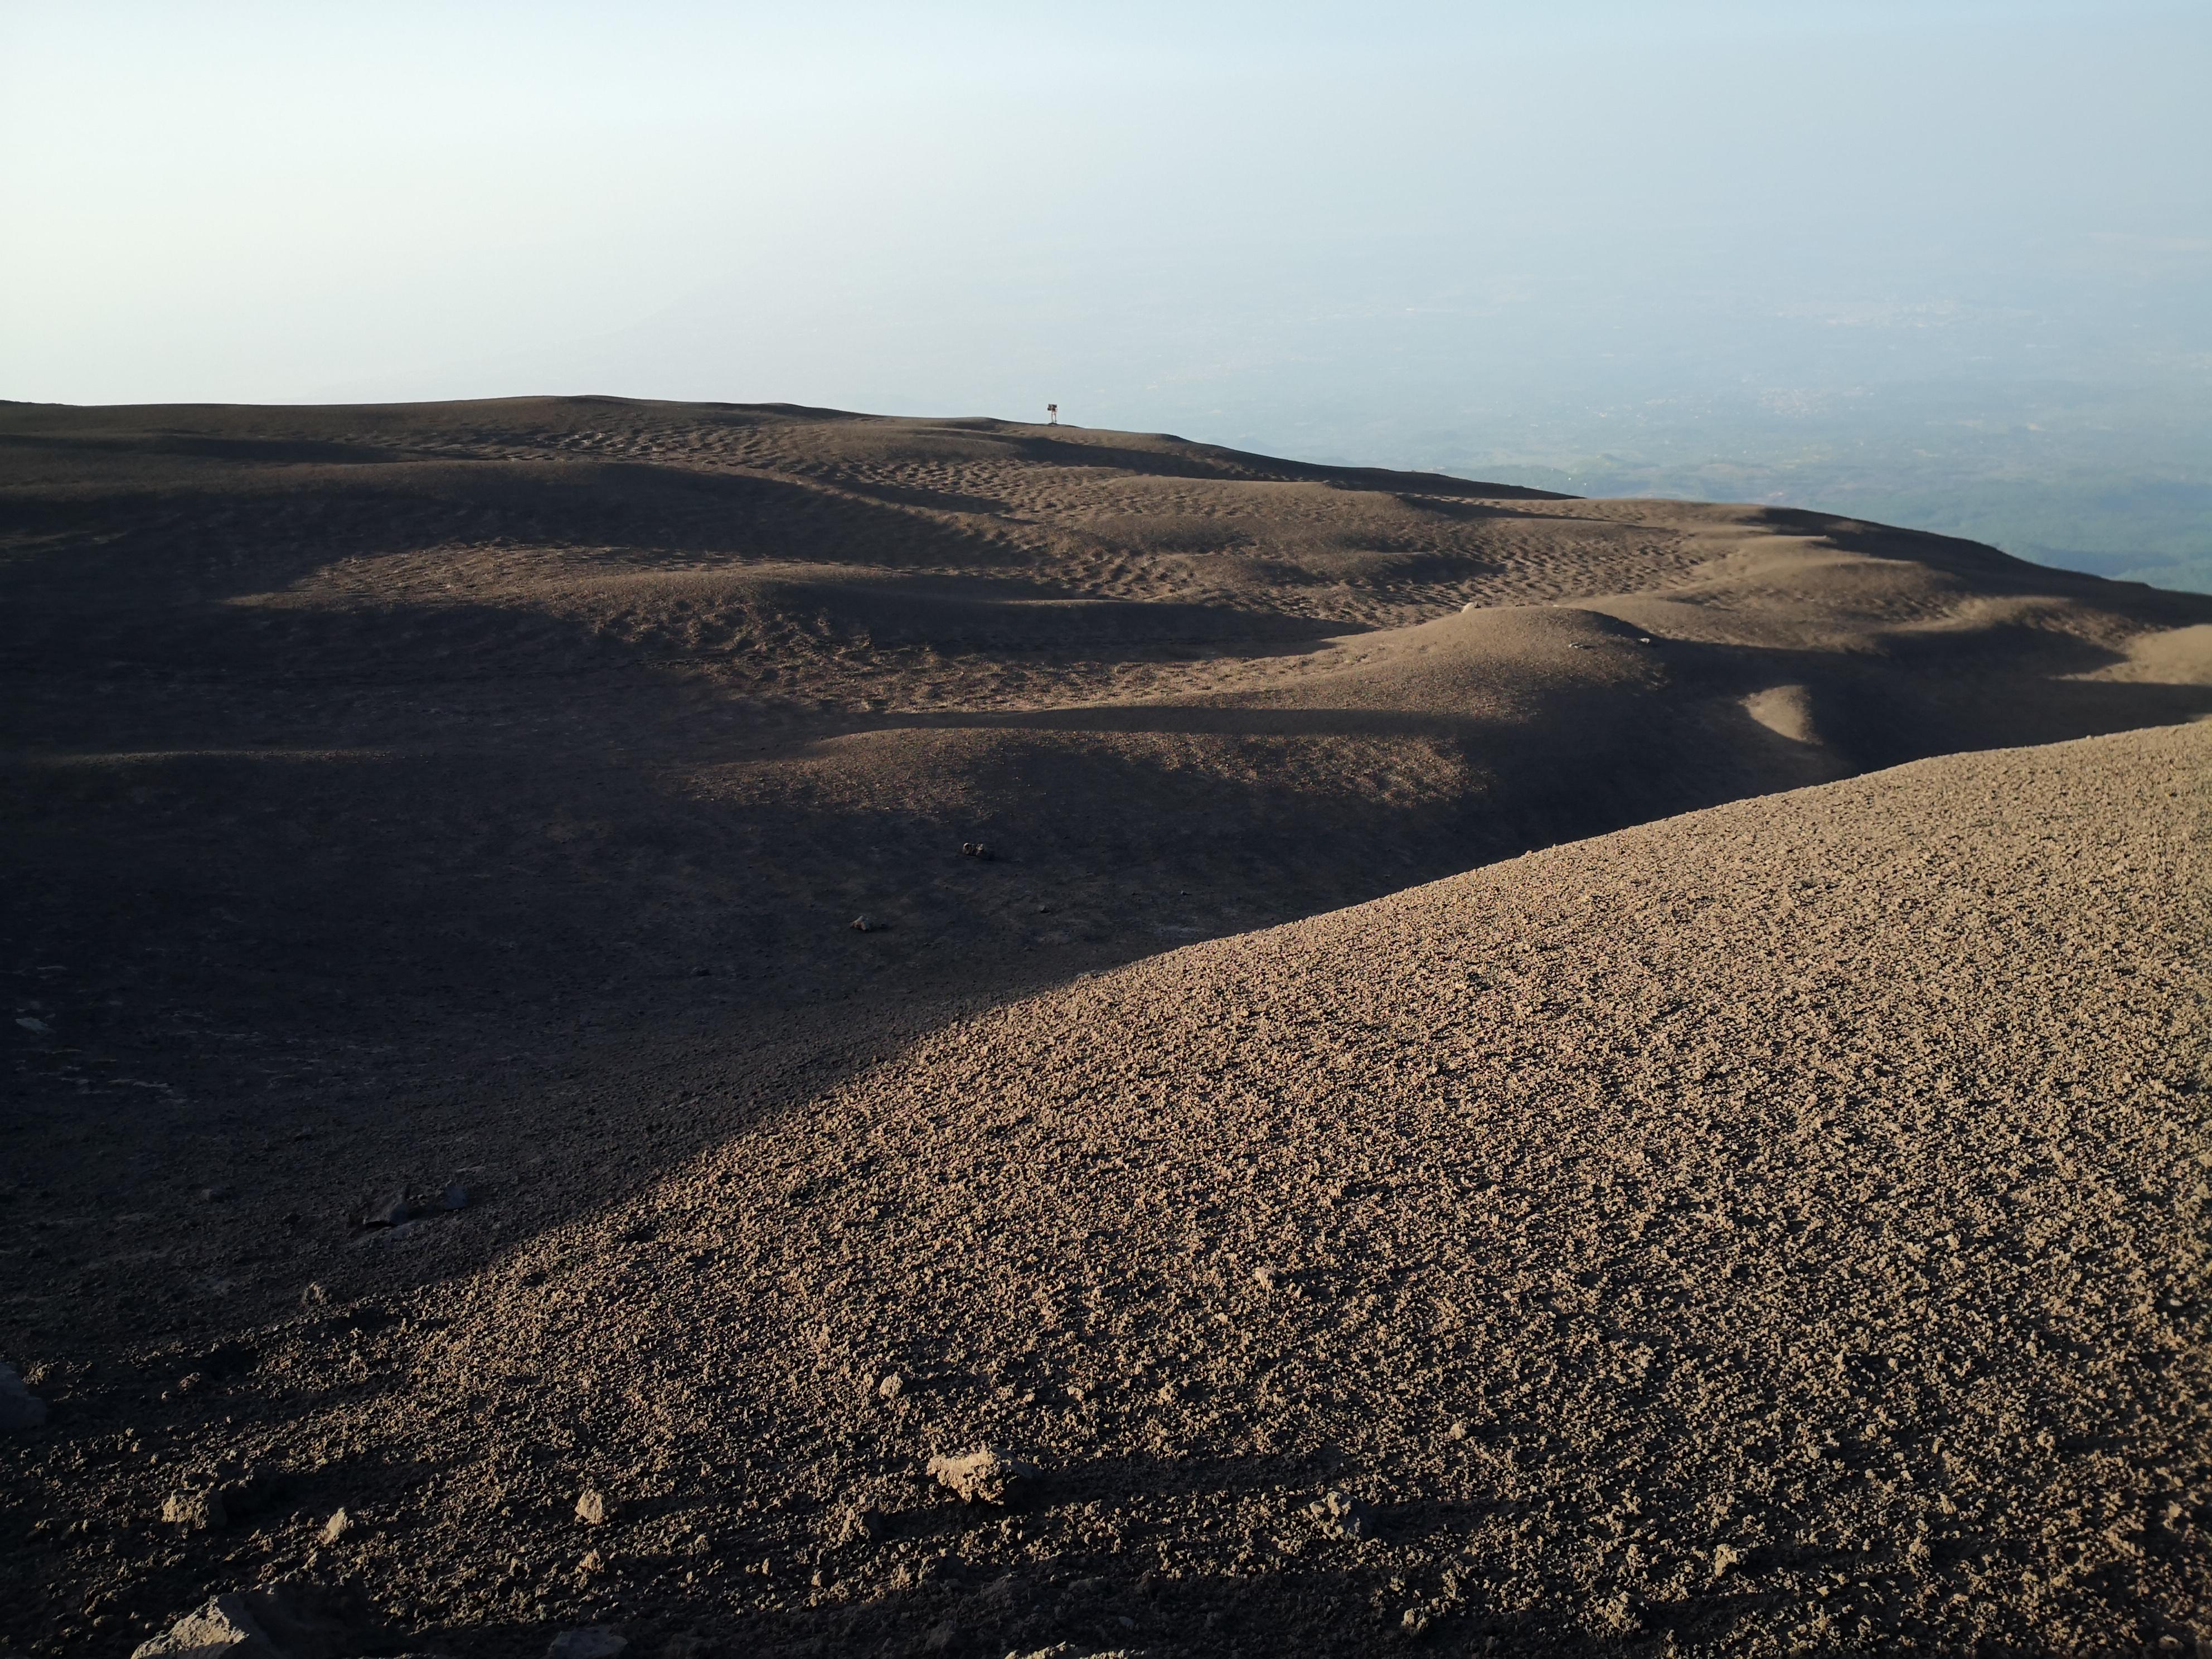 Campo-2019-19-Escursione-Etna